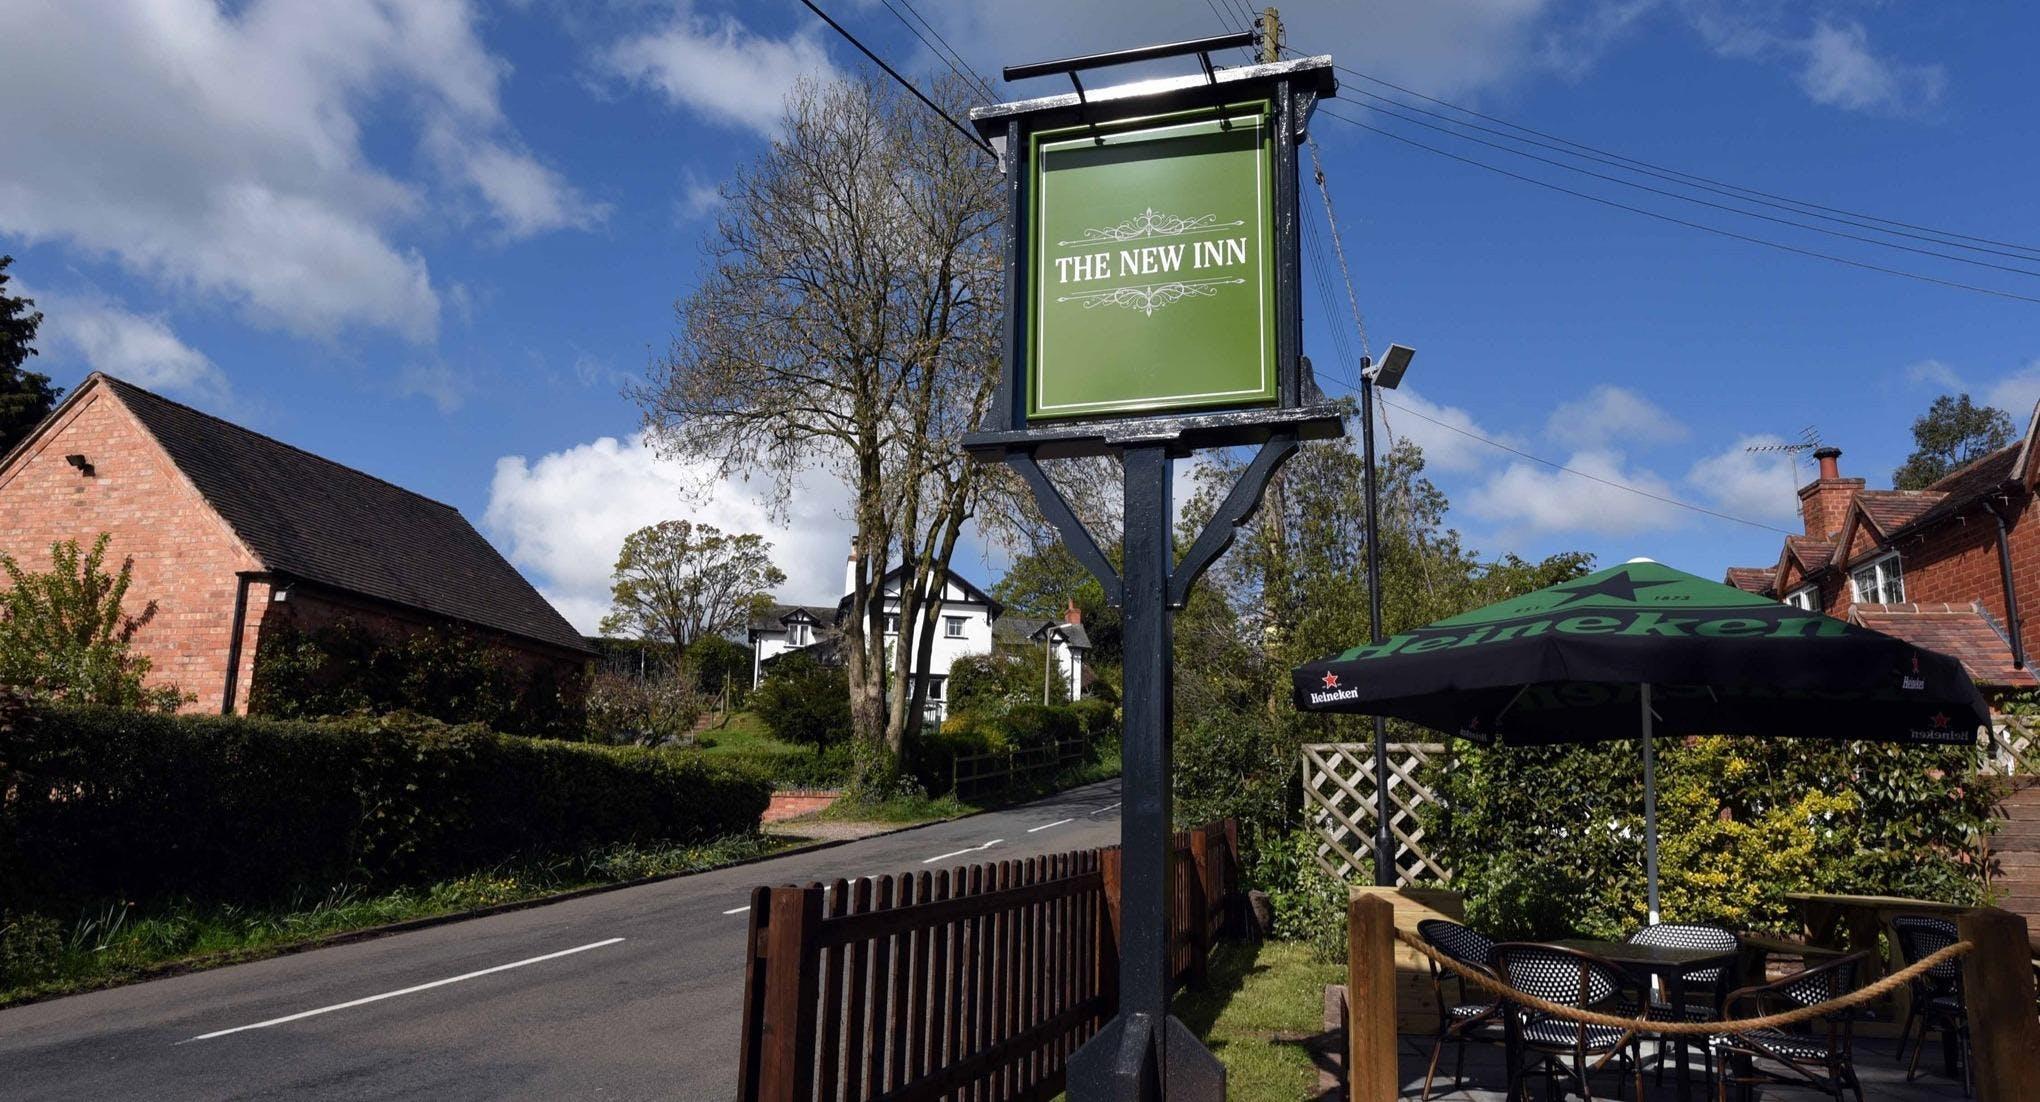 The New Inn - Bournheath